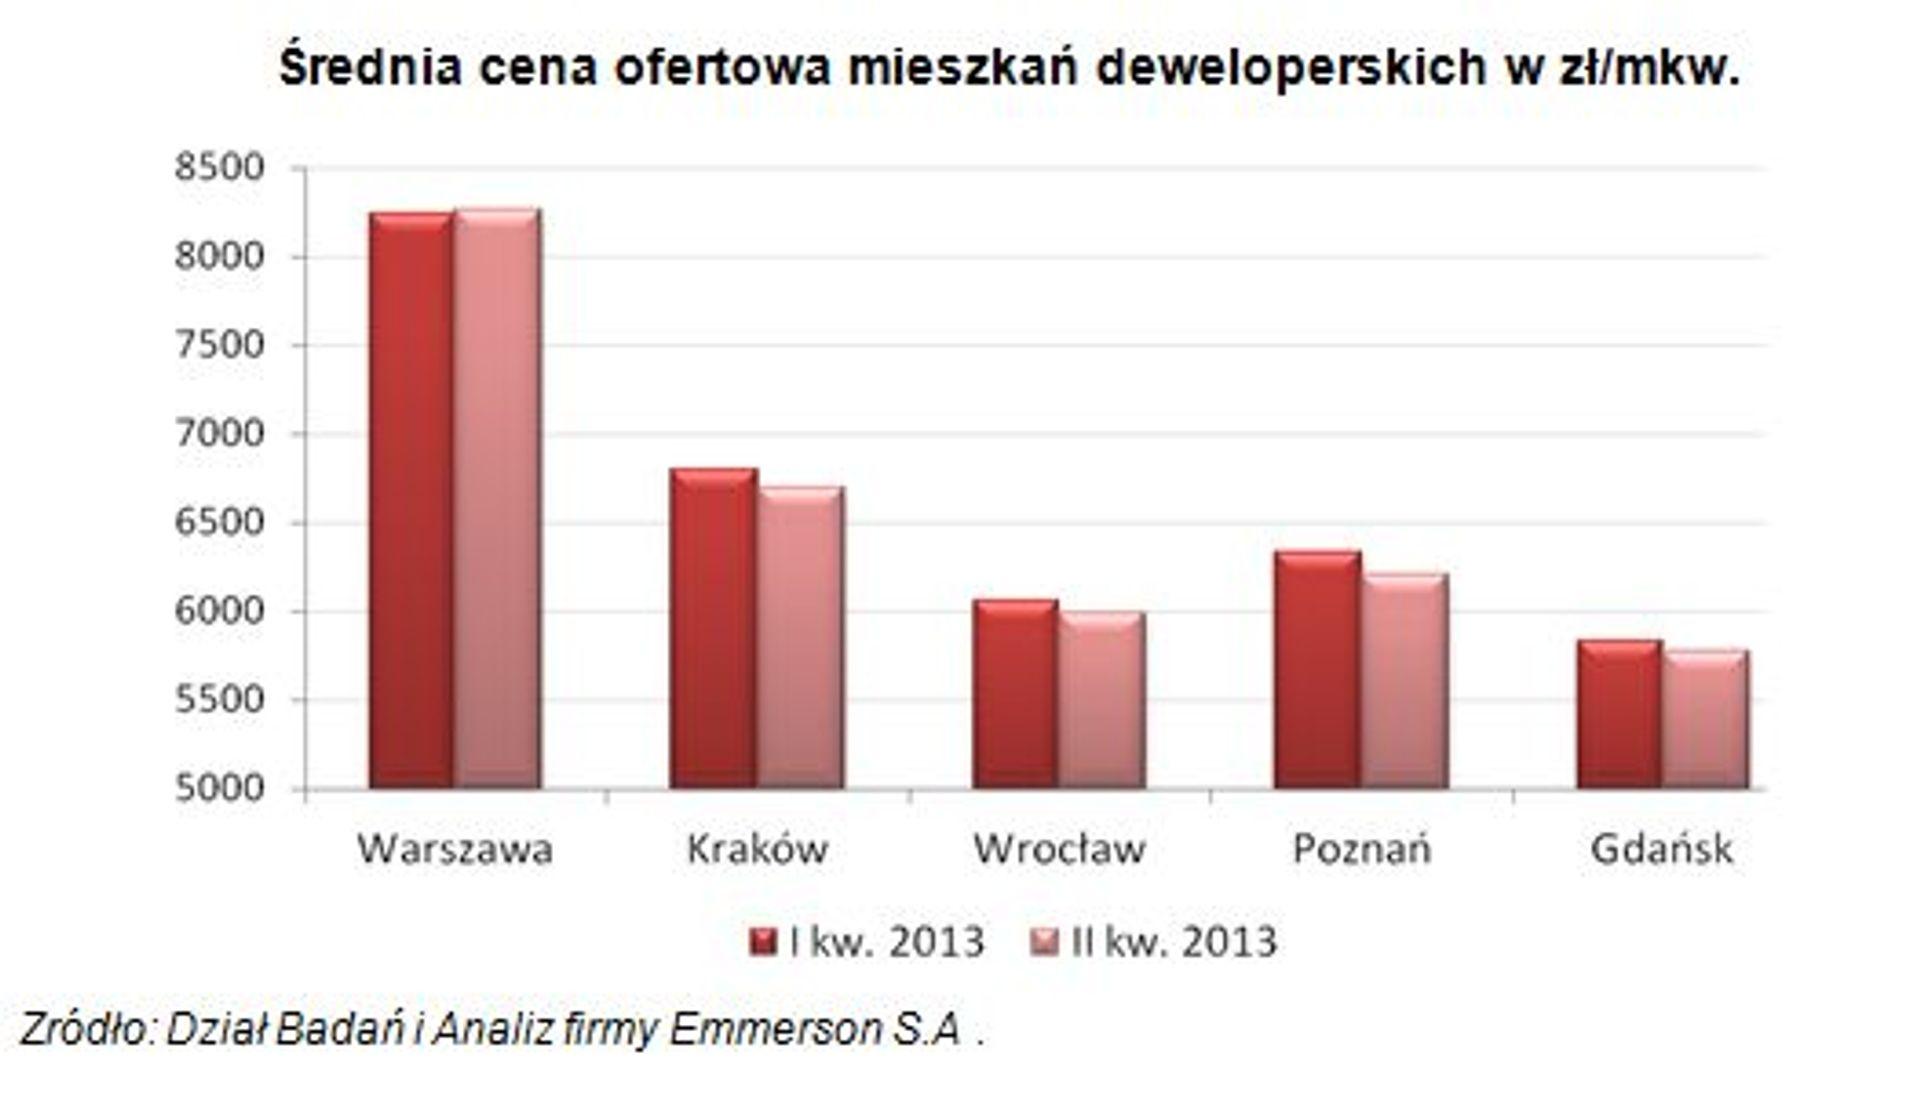 [Polska] U deweloperów ceny mieszkań coraz bardziej stabilne